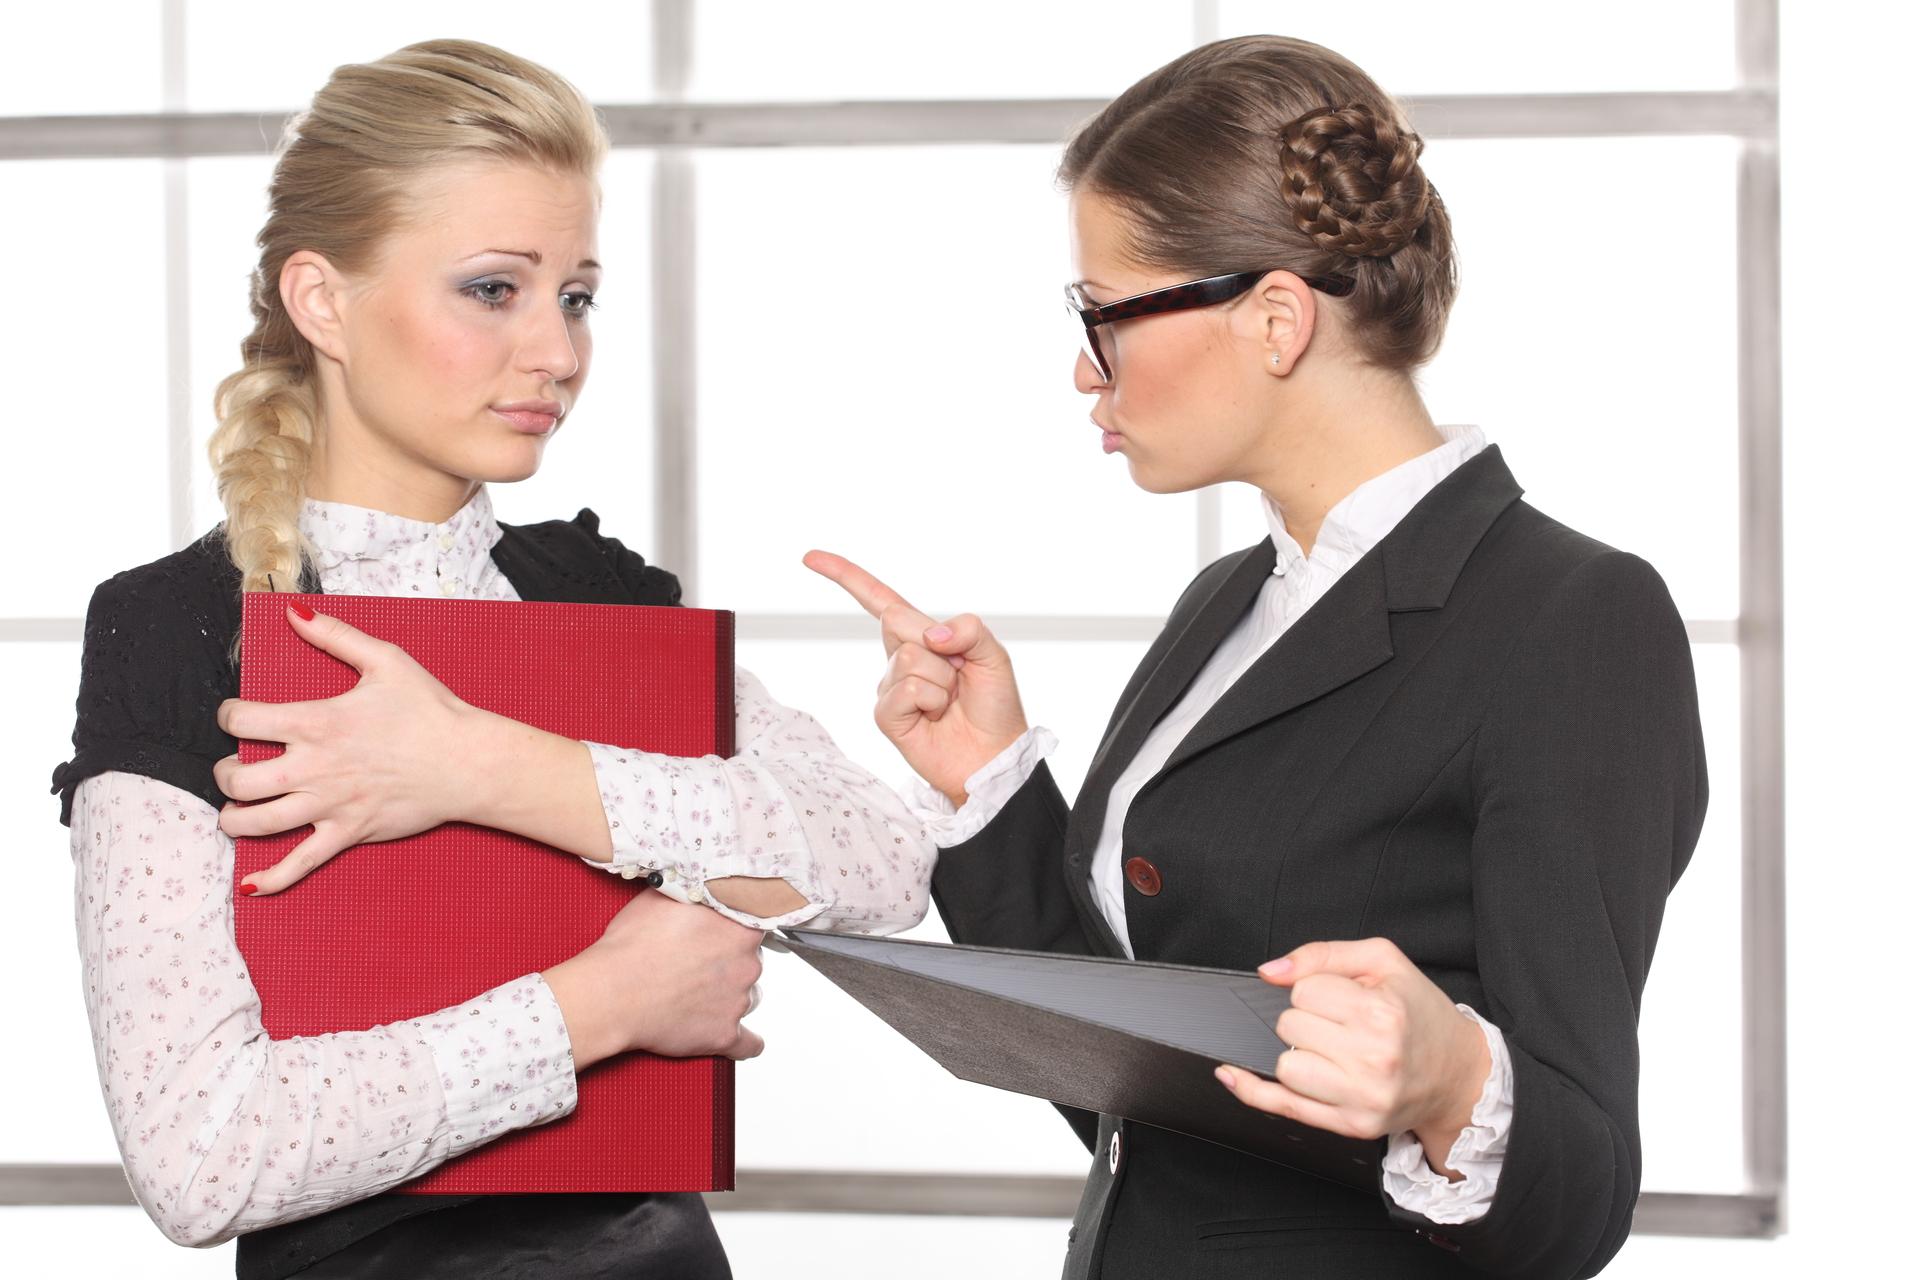 испытательный срок при трудоустройстве сотрудников: тест на совместимость с работодателем?